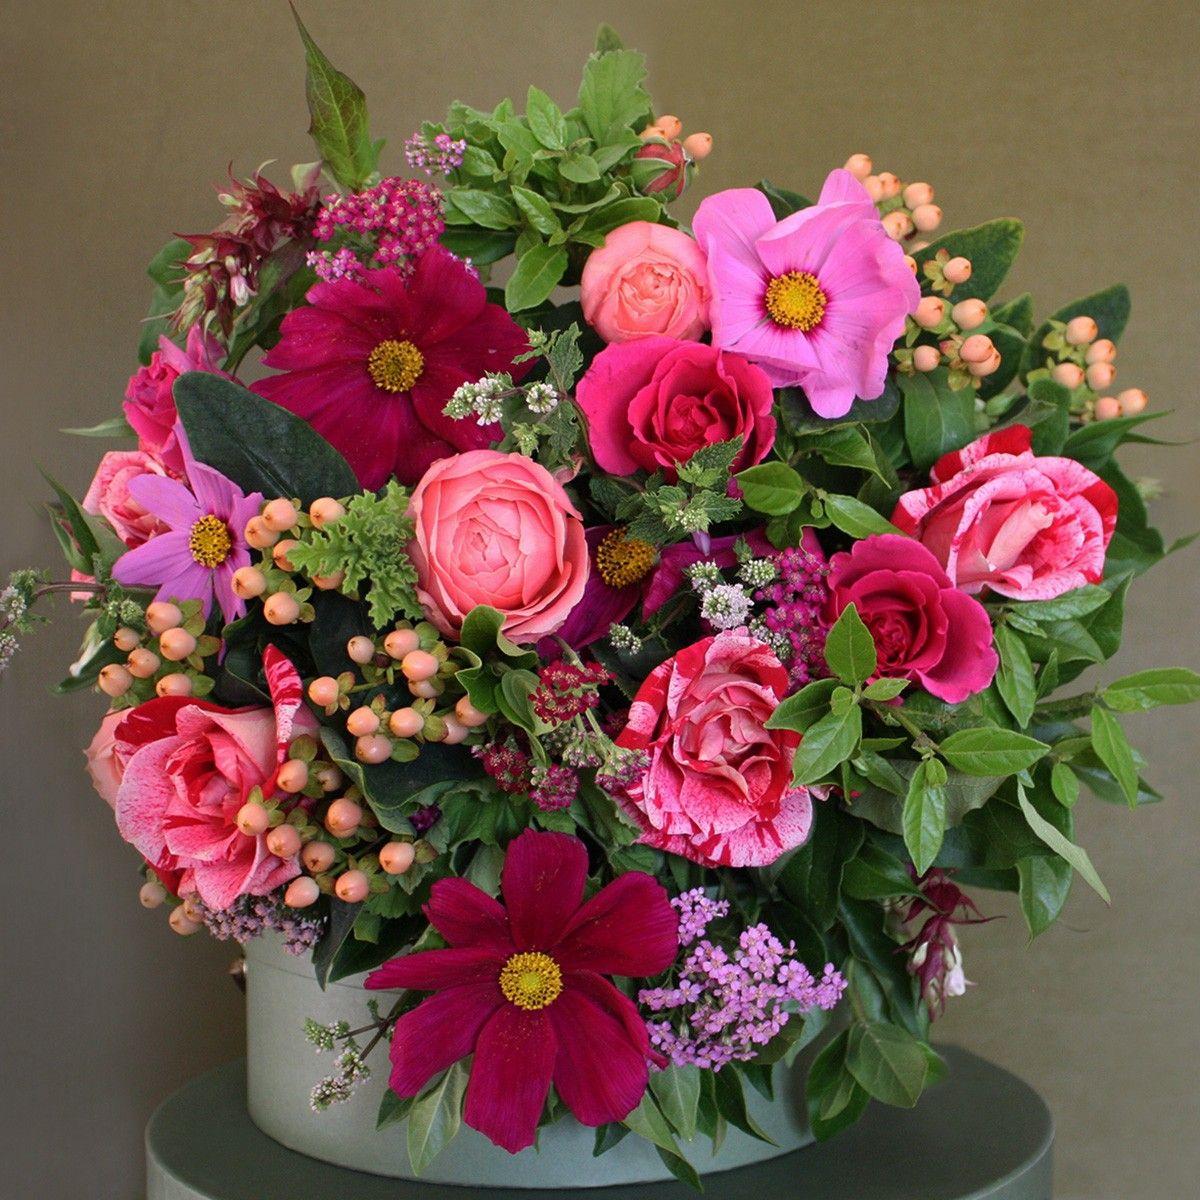 luxury-summer-sensation-bouquet-_1.jpg (1200×1200)